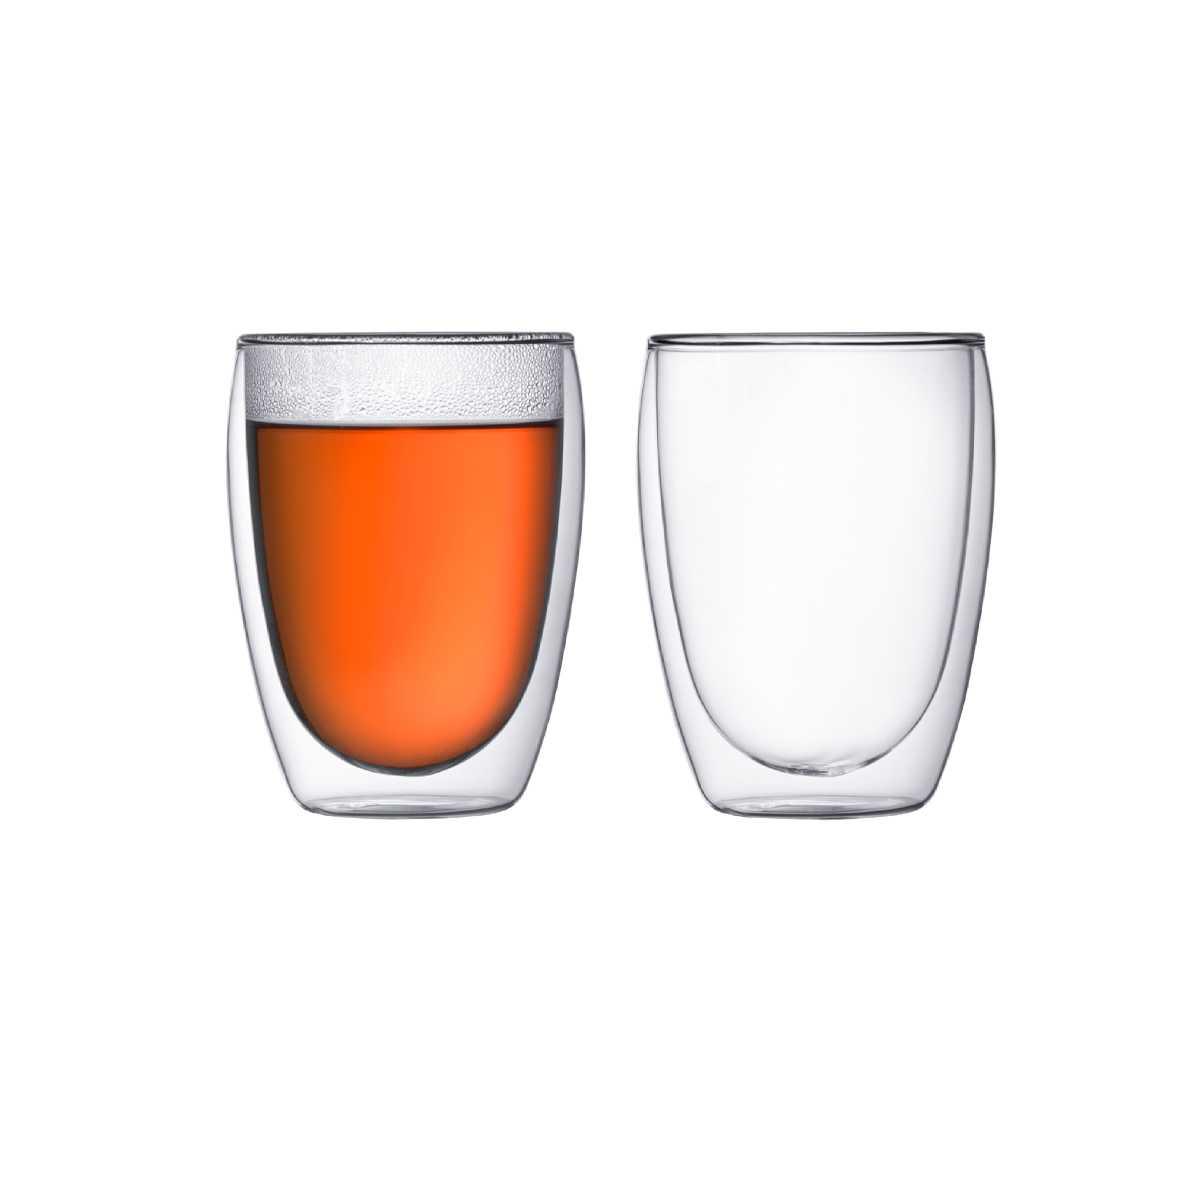 Набор стаканов с двойными стенками 0,35 л, 2 шт Bodum Pavina  (4559-10) Bodum 4559-10 фото 0